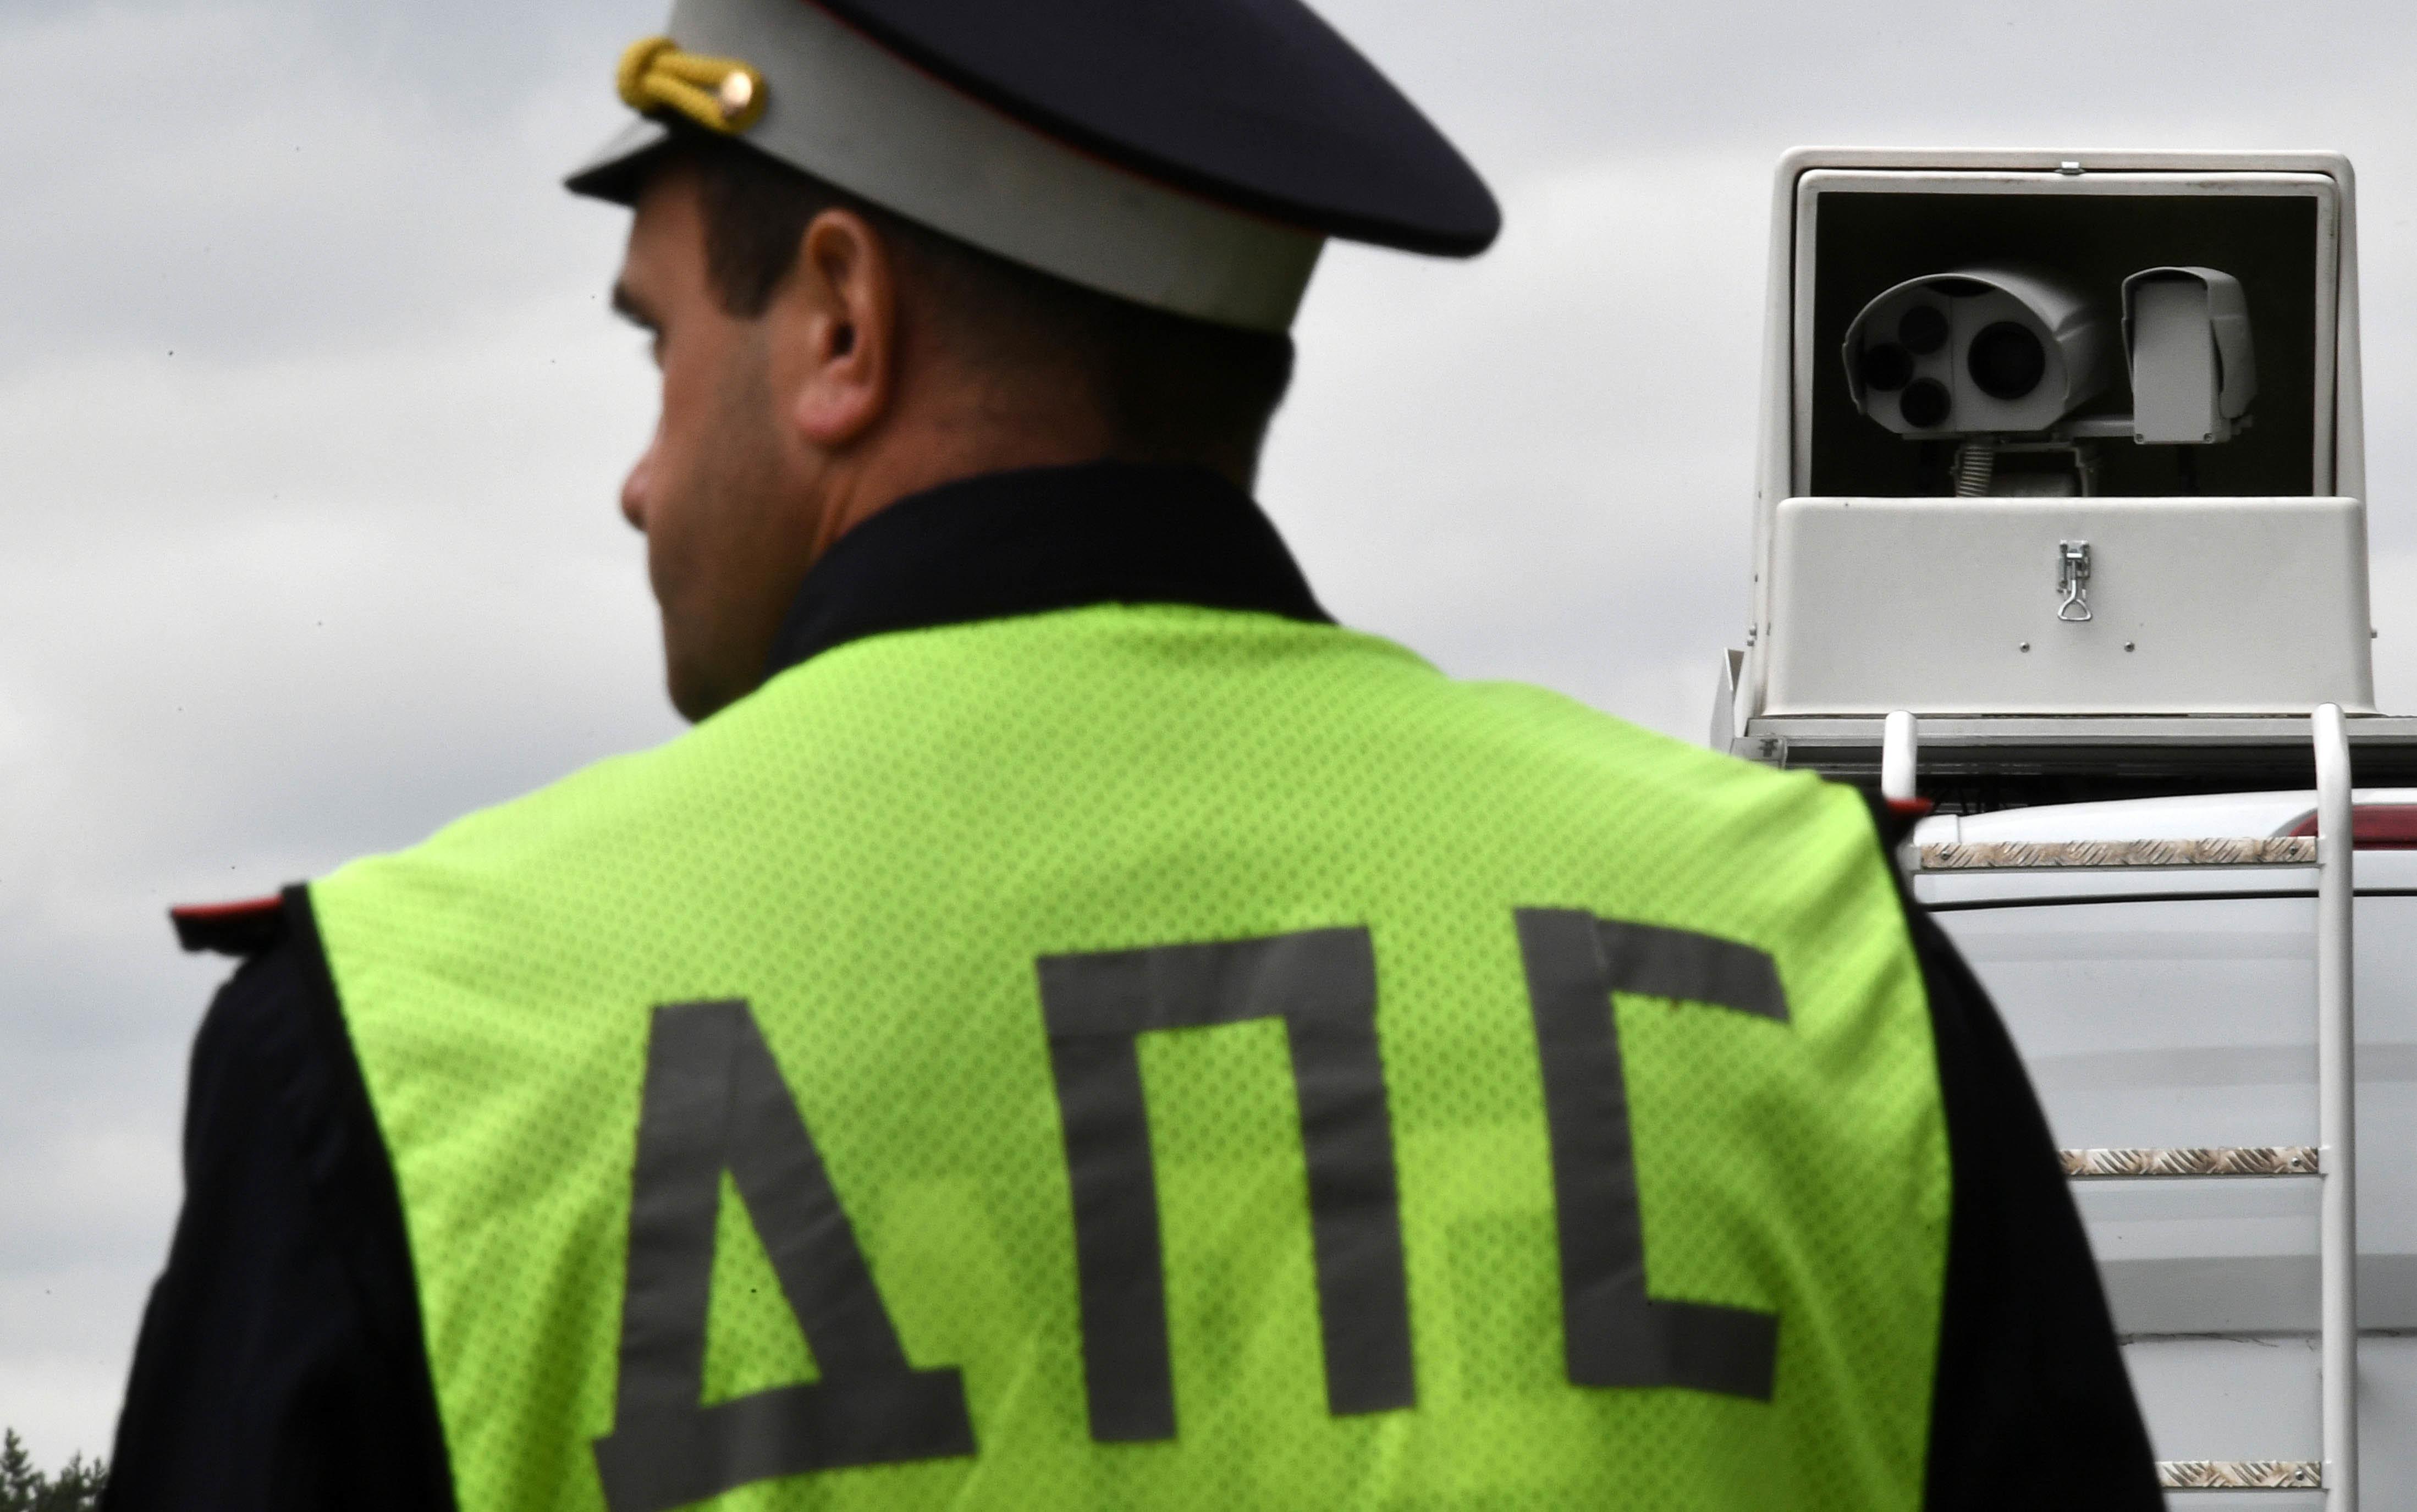 На картинке изображено Гаишник в форме спиной рядом с видеокамерой. ГИБДД начала кампанию по борьбе с превышением скорости на 19 км в час